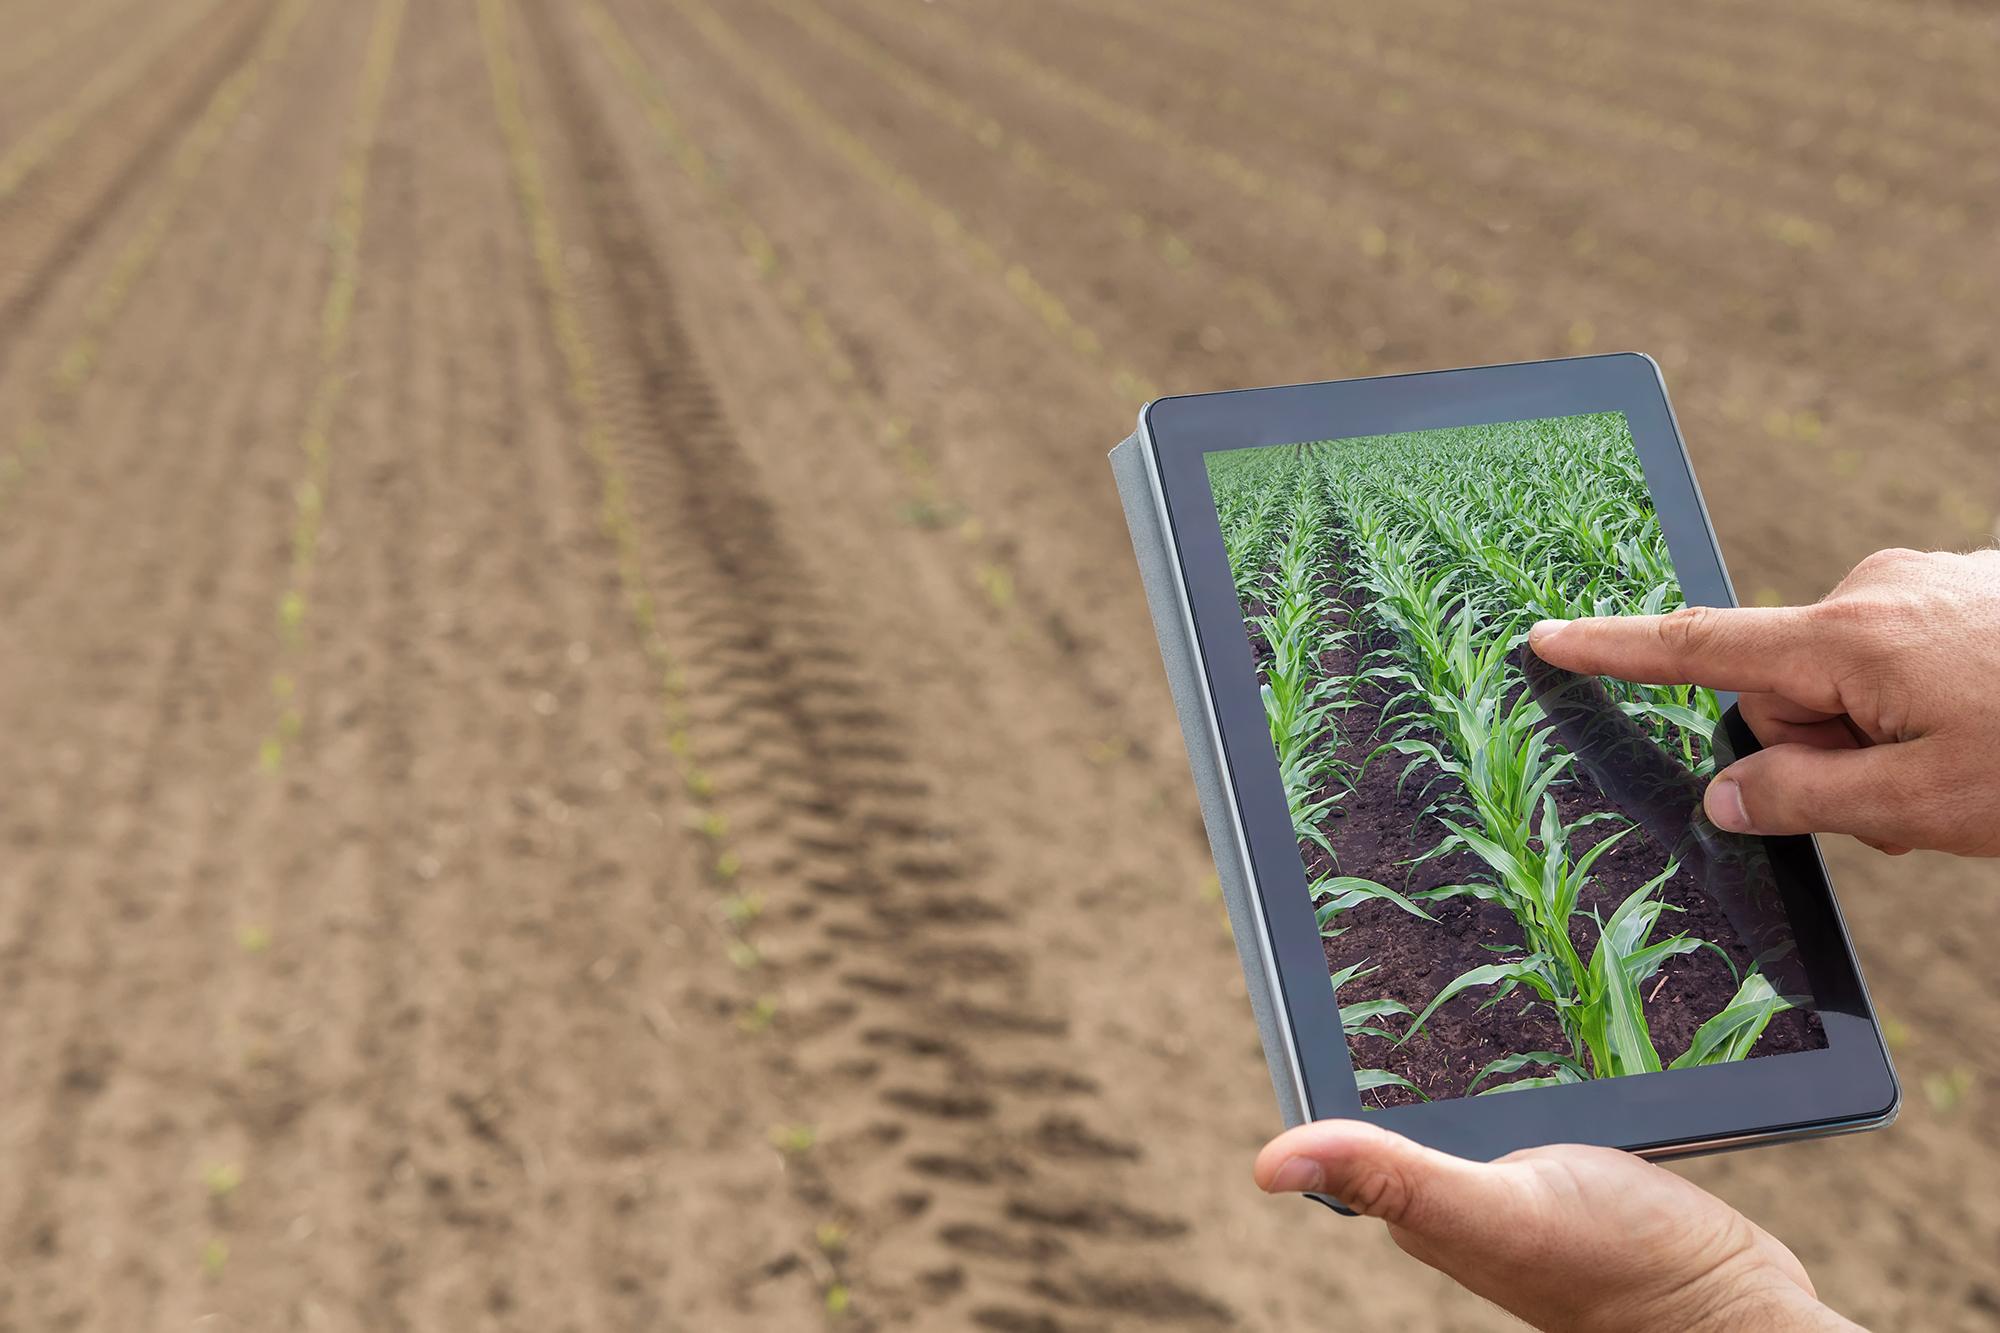 Agrocomputação utiliza tecnologia para soluções de problemas no campo